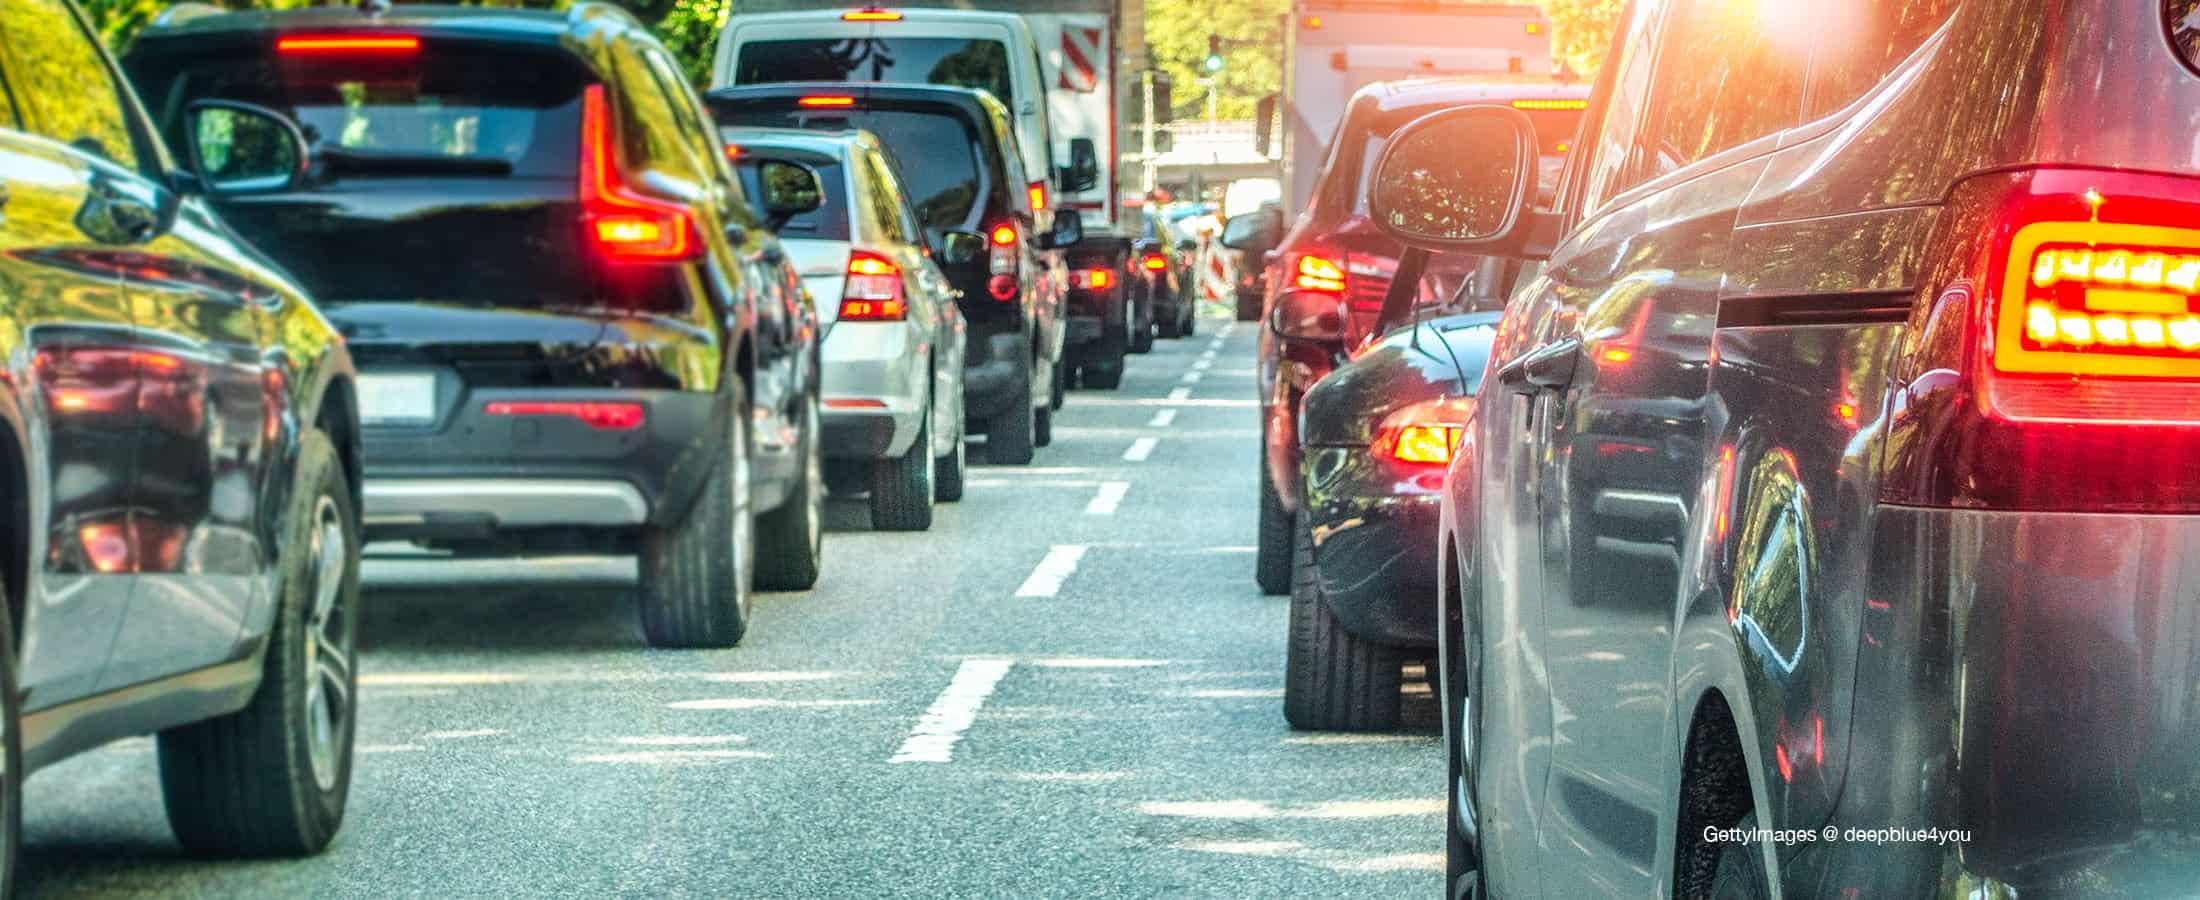 Zones à faibles émissions : des aides pour verdir les flottes d'entreprise